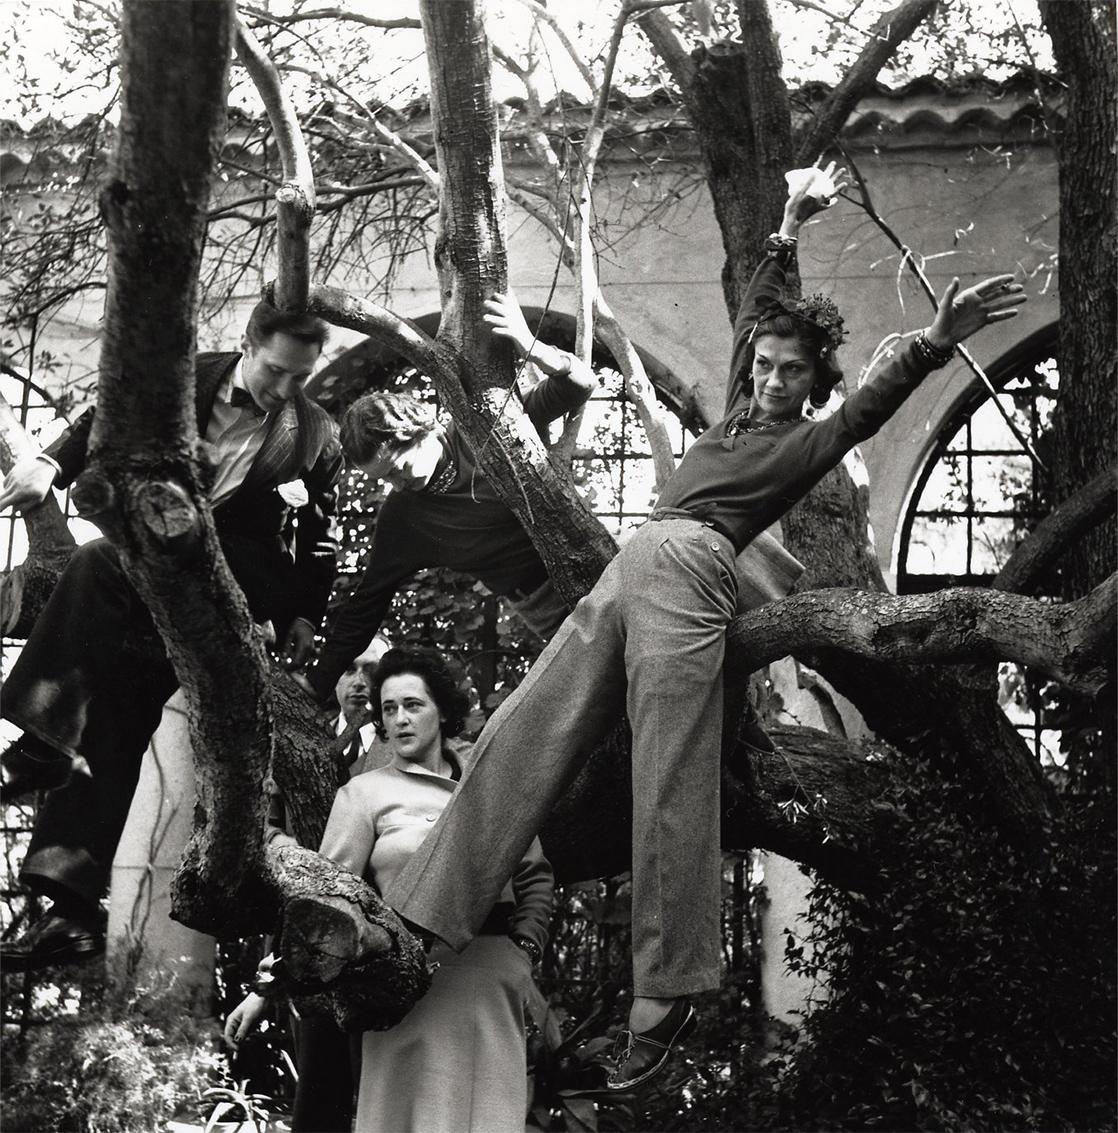 غابريال شانيل - لا بوزا - 1930